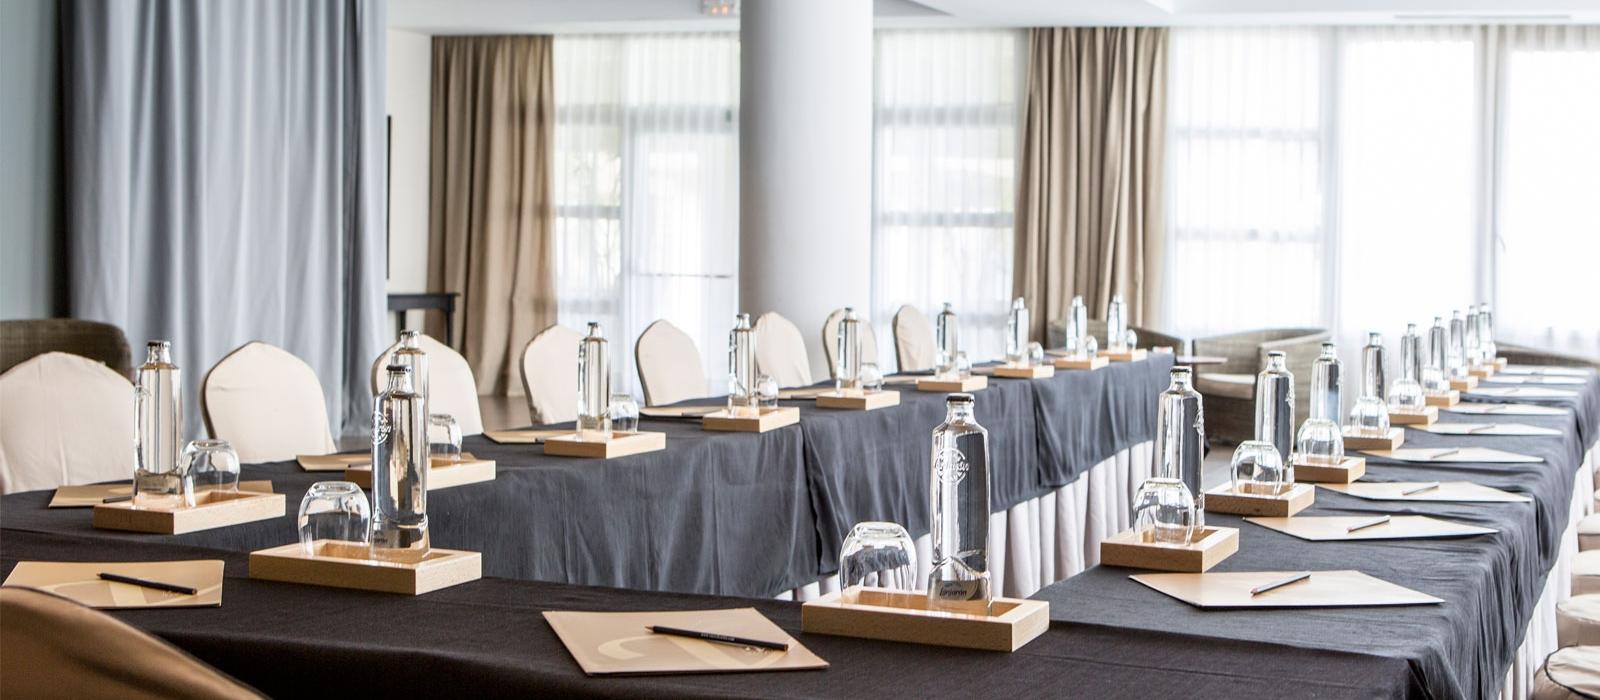 Dienstleistungen Hotel Cádiz Costa Golf - Vincci Hoteles - Konferenzräume